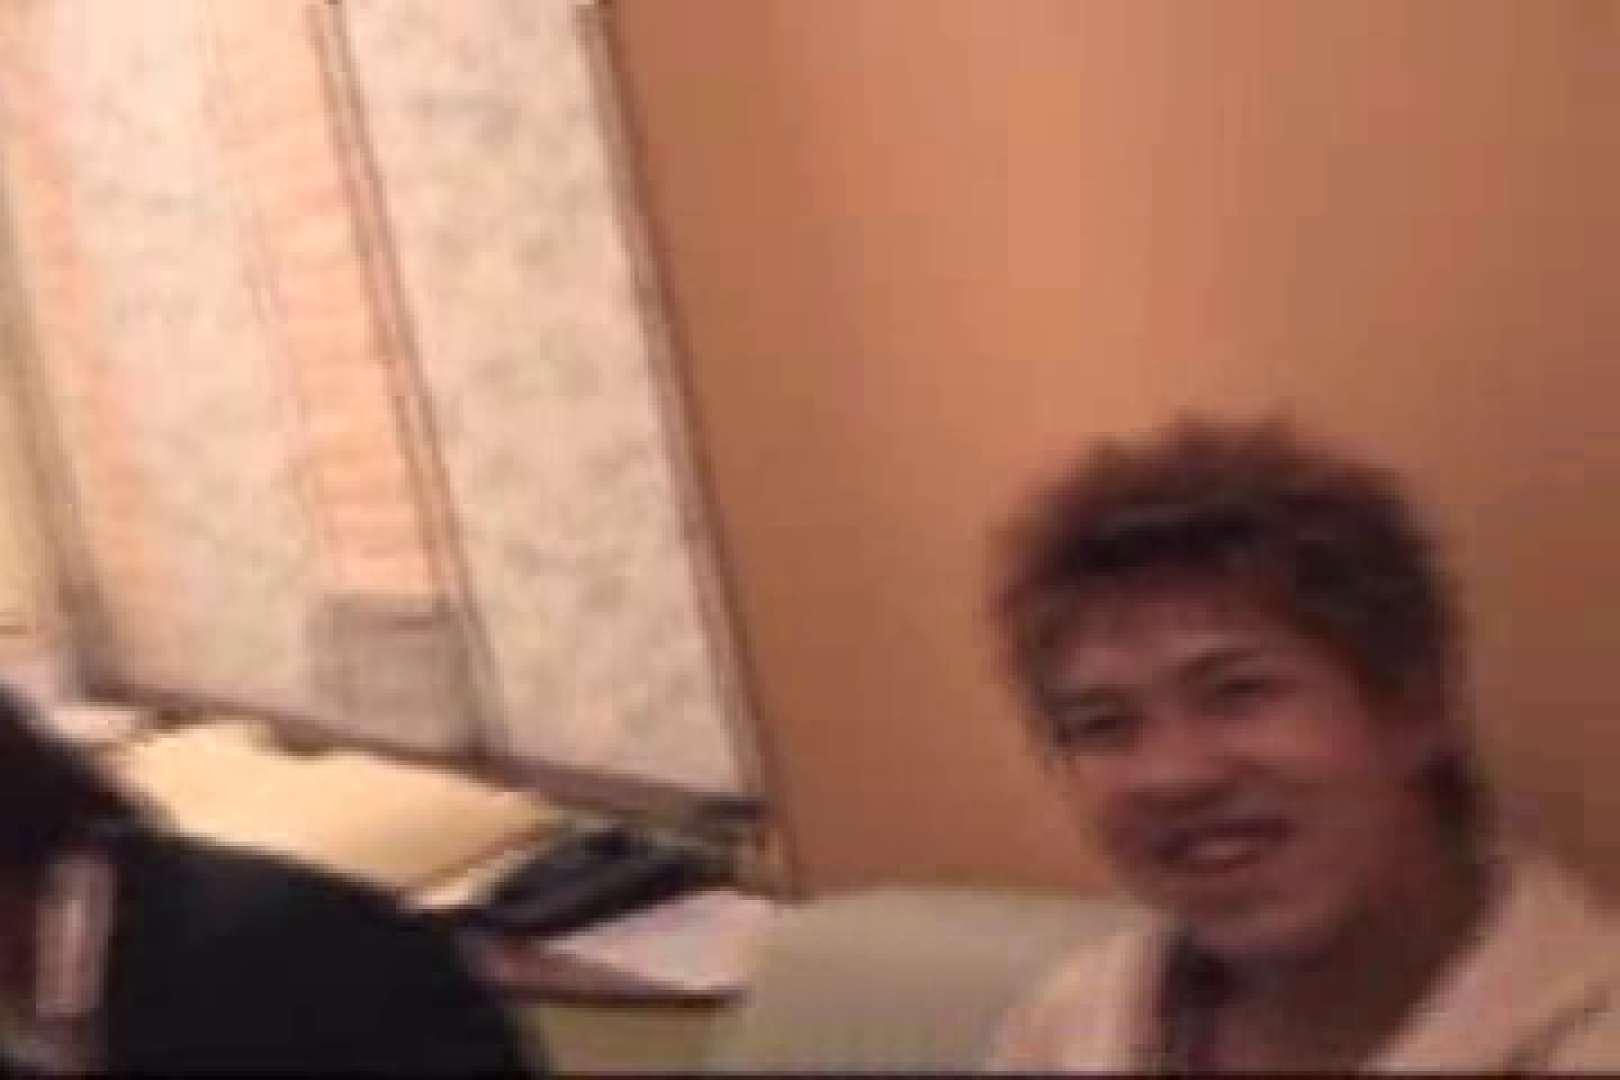 【流出】ジャニ系イケメン!!フライング&アナルが痛くて出来ません!! 素人盗撮 ゲイ無修正動画画像 83枚 58